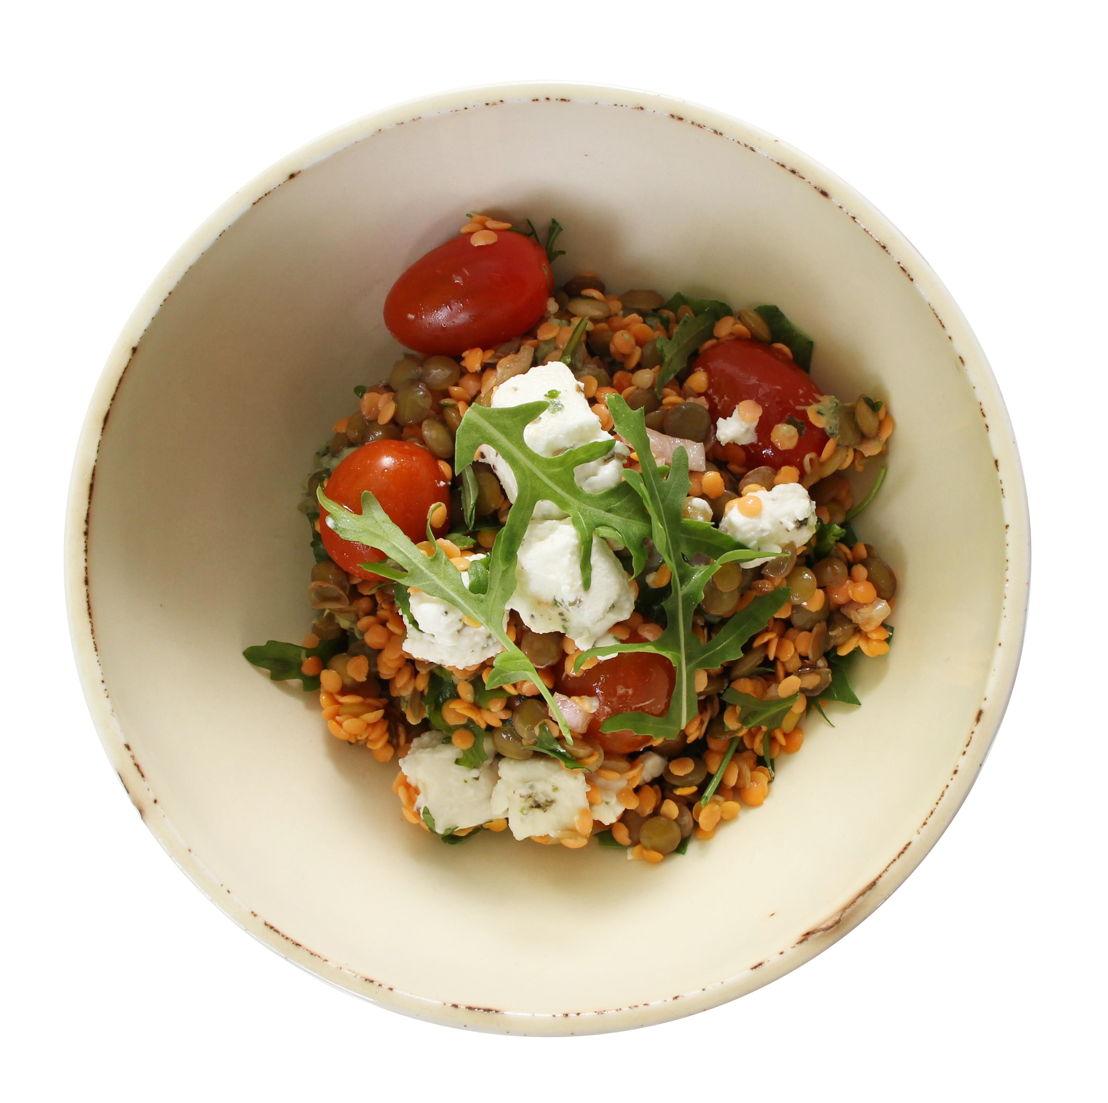 Linzensalade, nieuwe Flex&Fast maaltijd